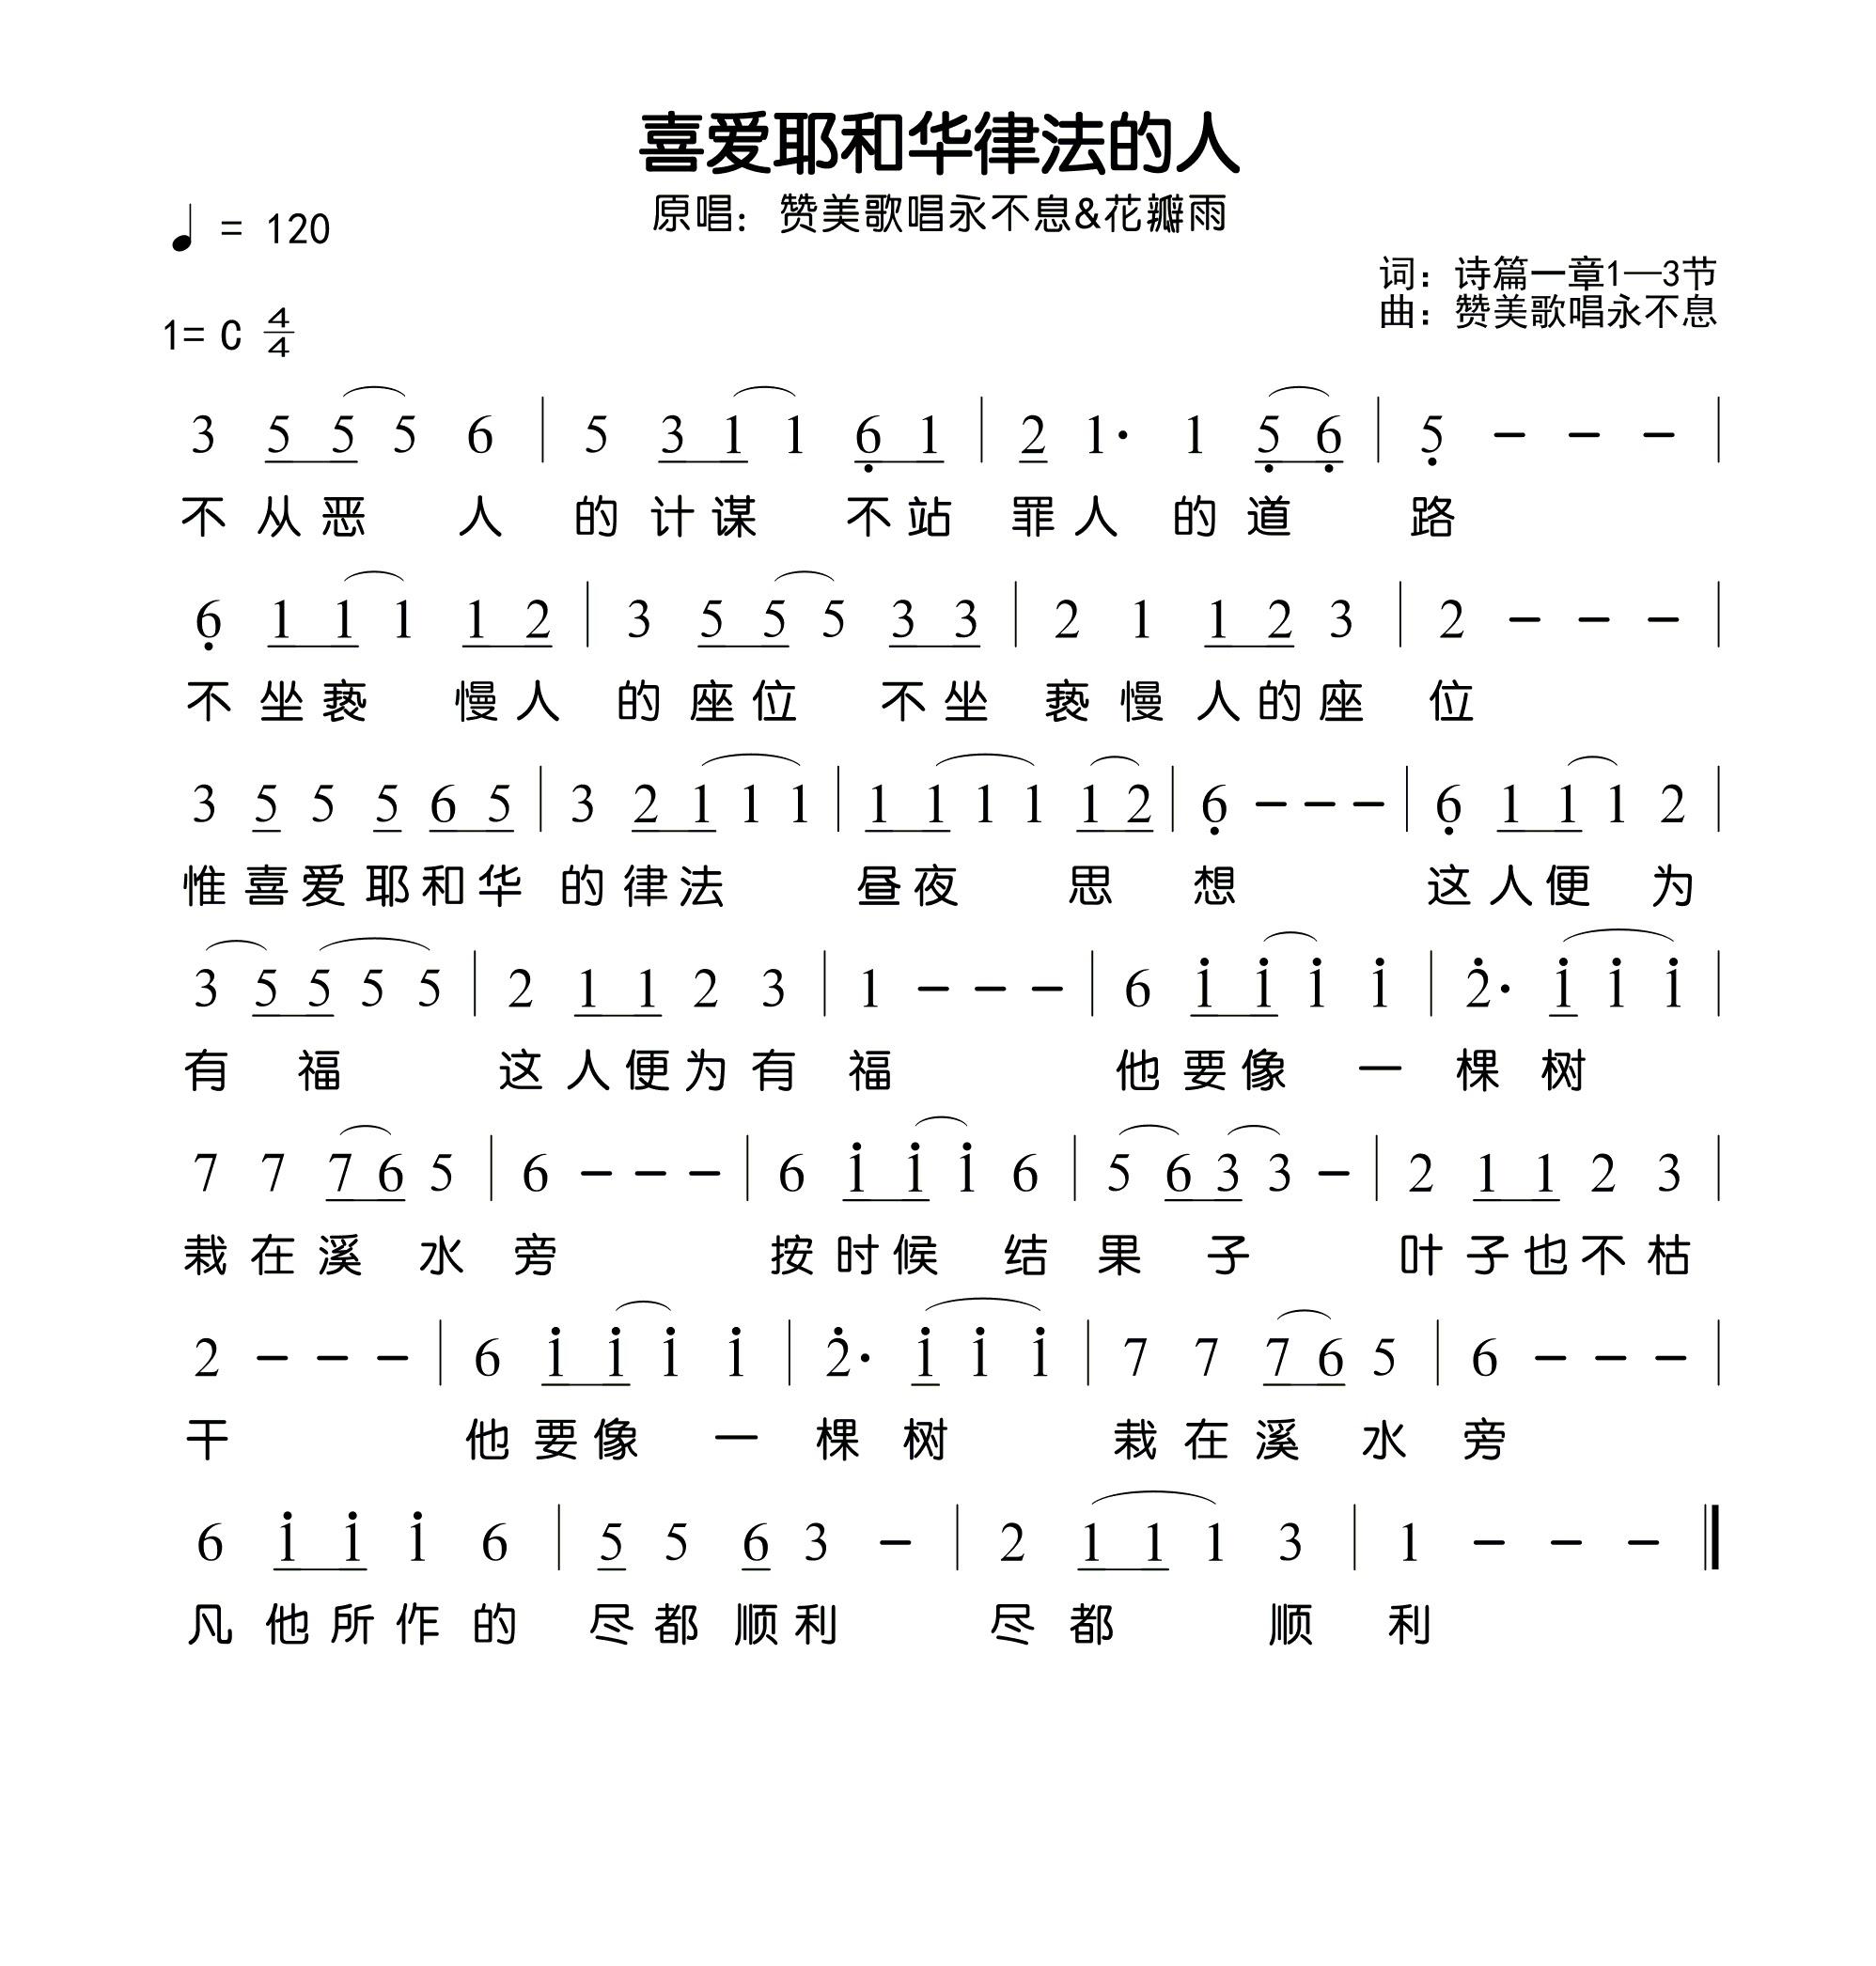 《喜爱耶和华律法的人 官方简谱》